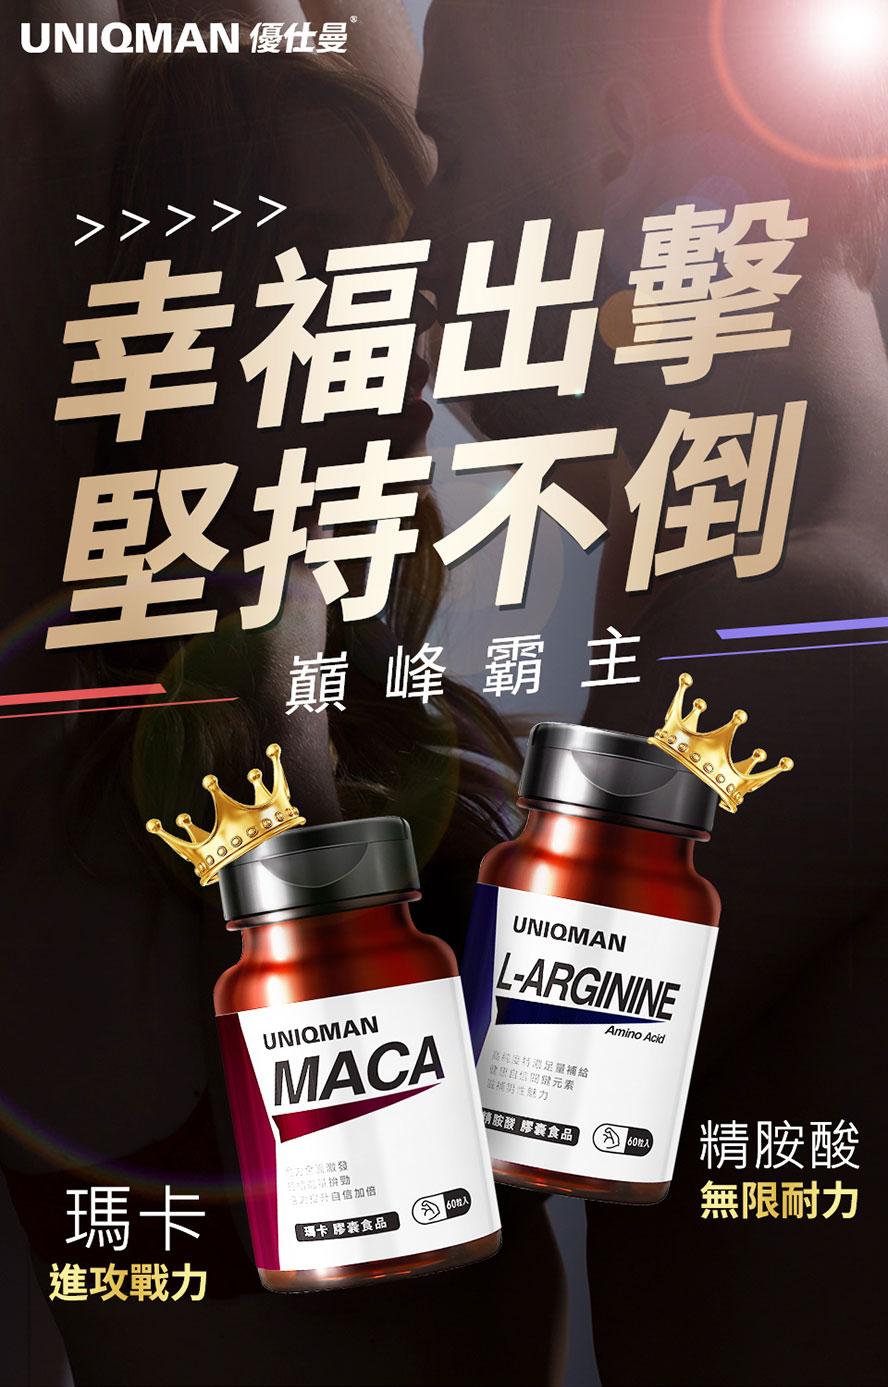 瑪卡與精胺酸能提供男性足夠的體耐力,有效維護生理健康與提升性功能